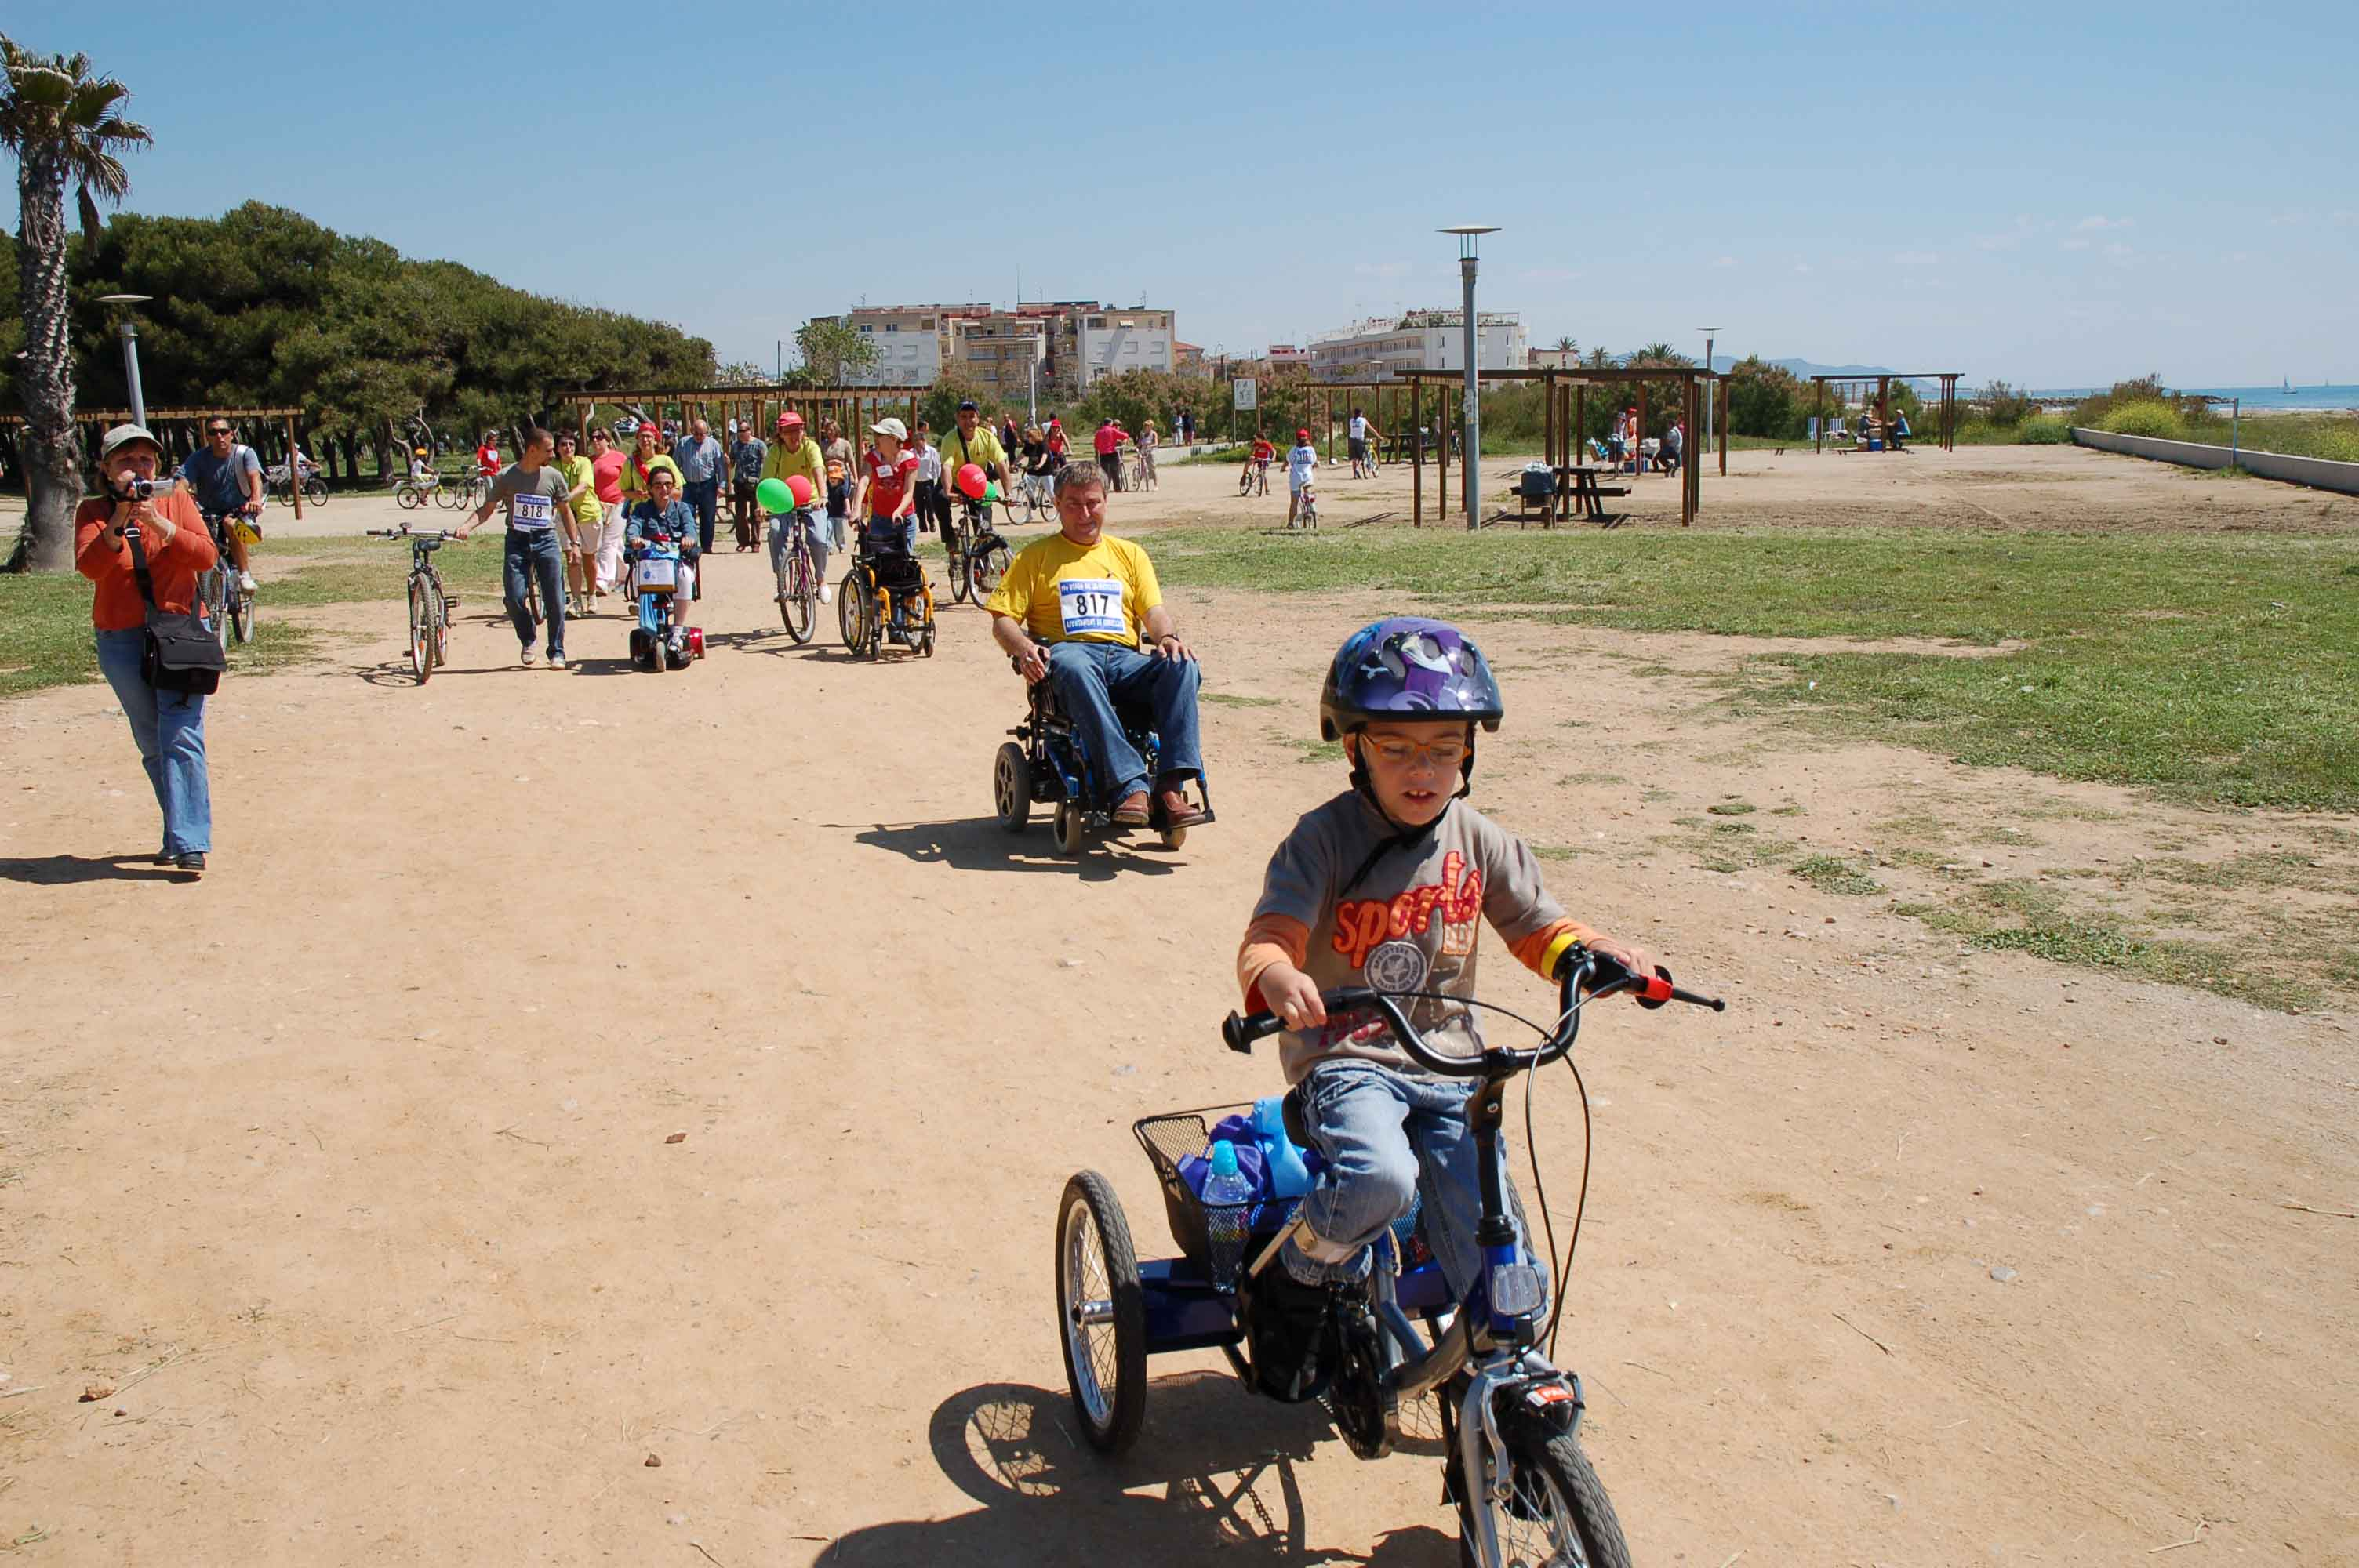 Cursa_bicicleta_41